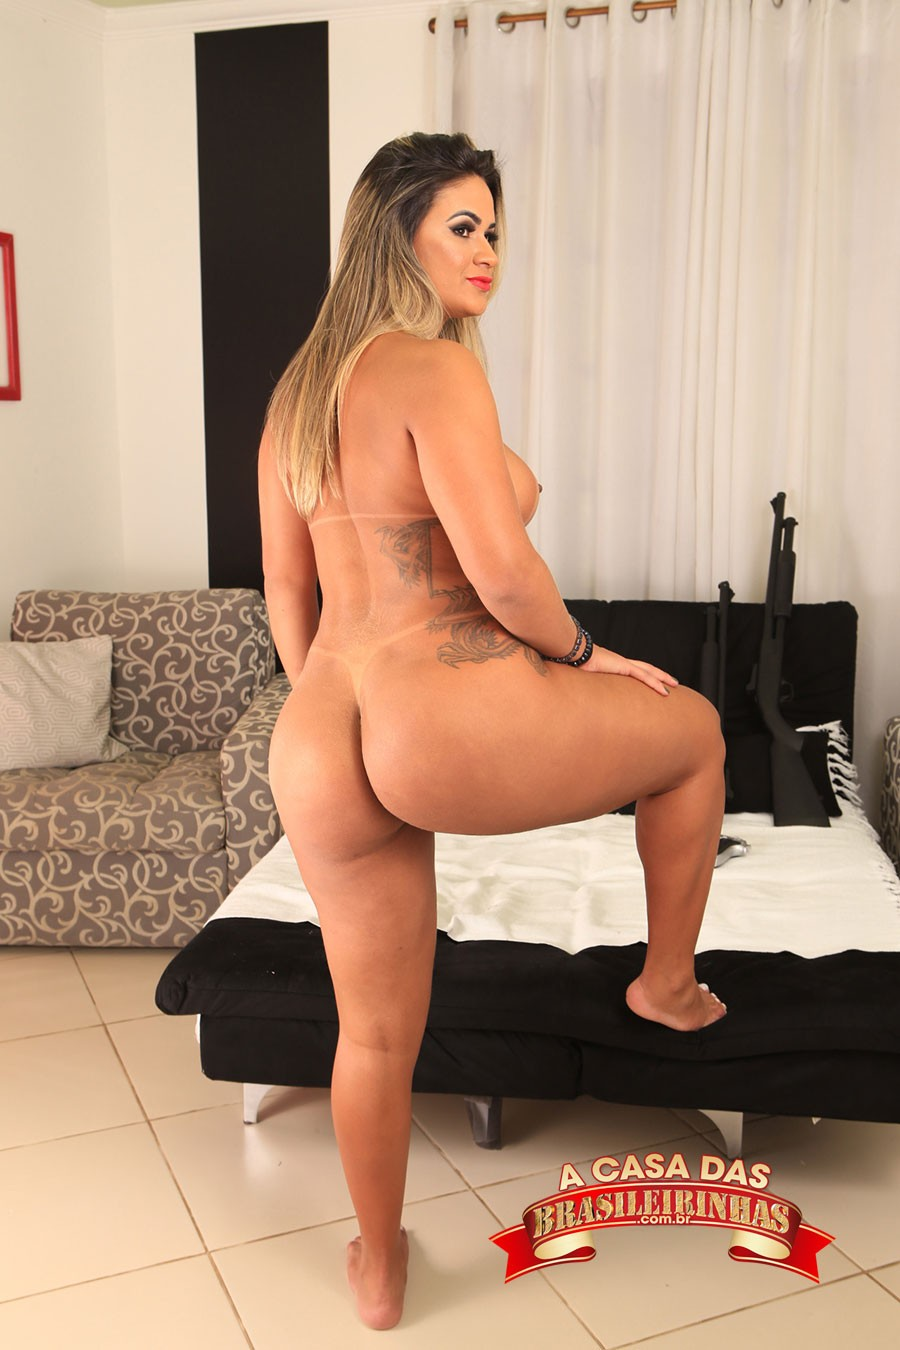 atriz-pono-brasileira-peladinha.jpg